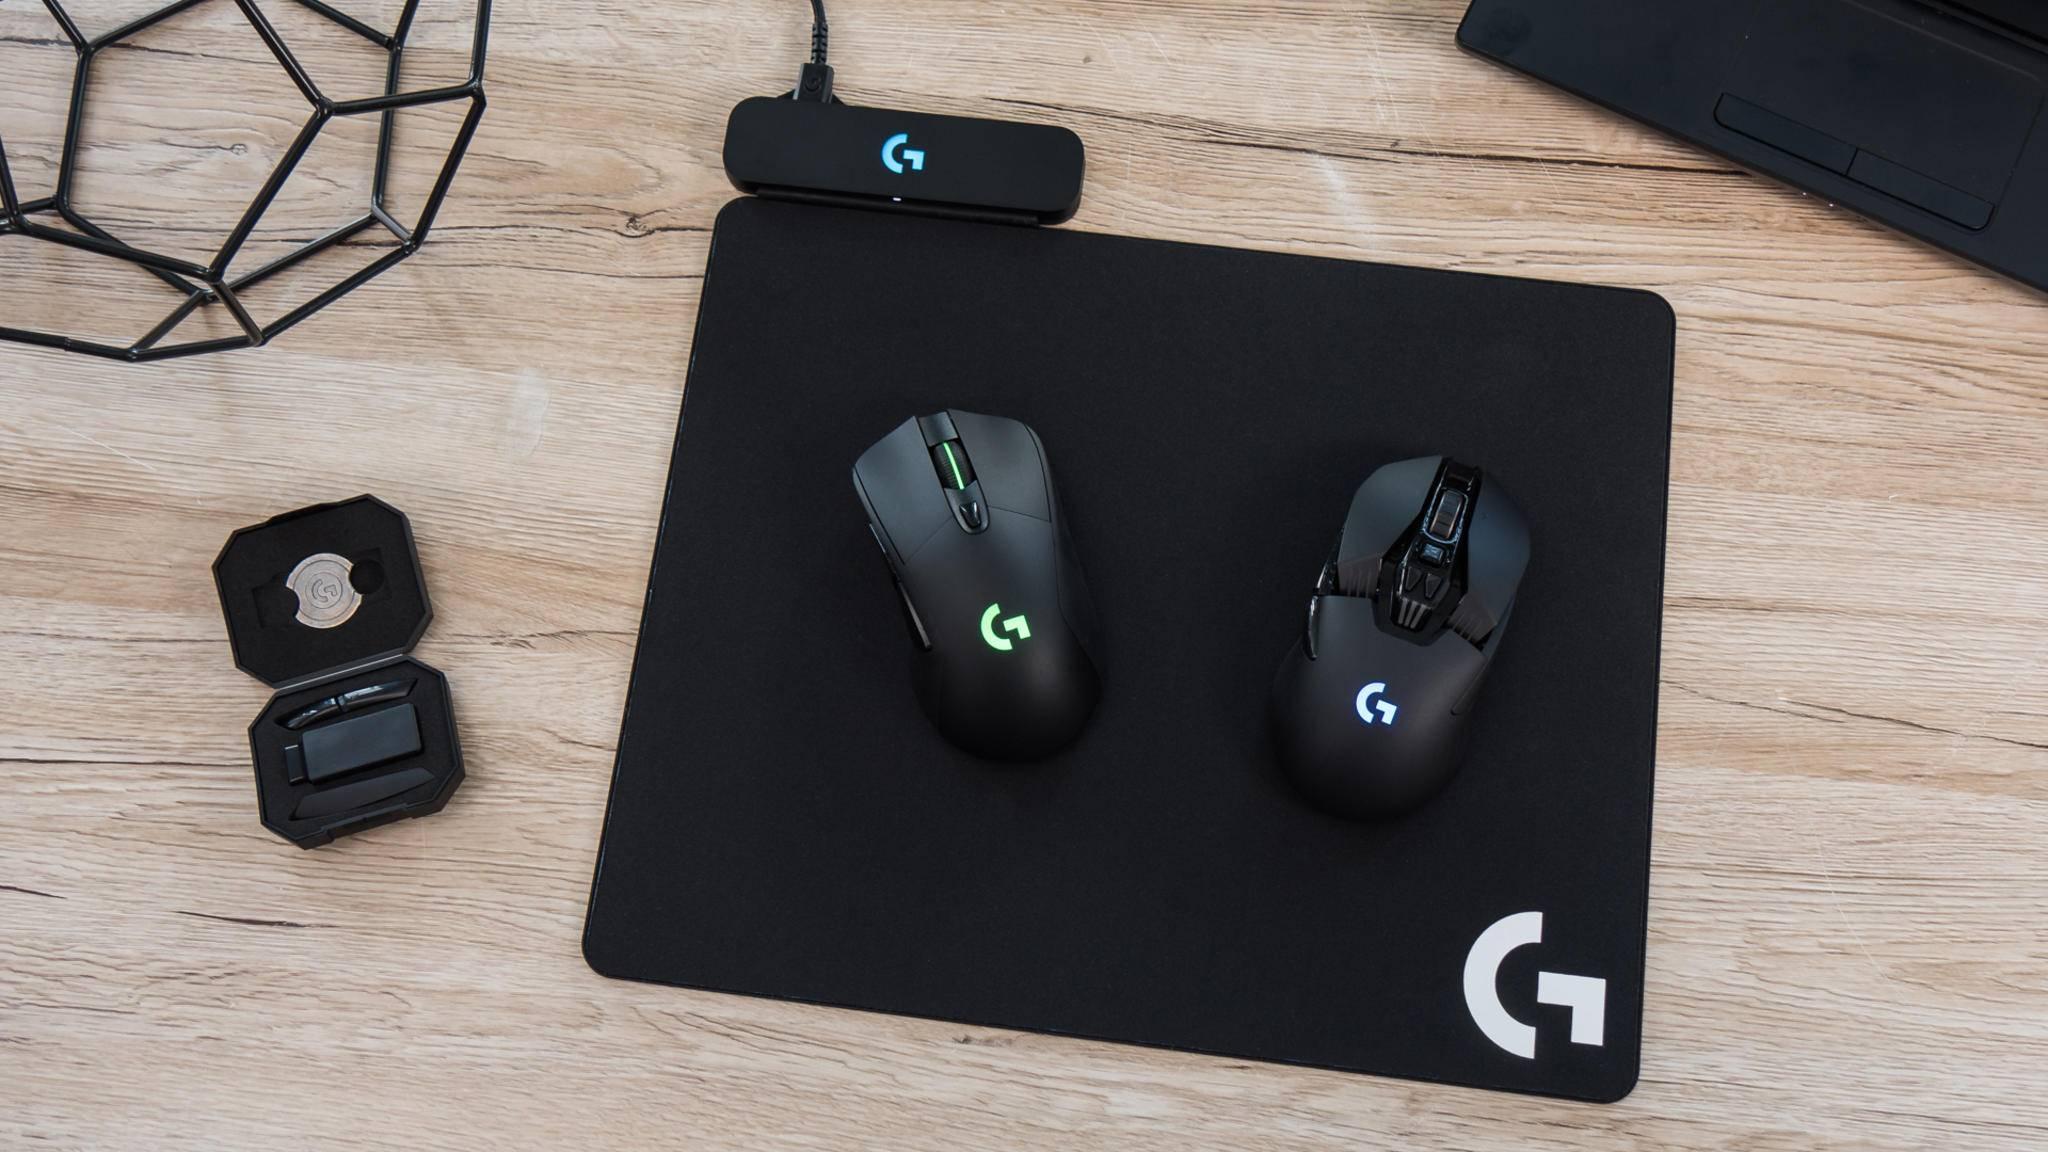 Die Logitech G703 und G903 sind die ersten PowerPlay-kompatiblen Mäuse mit Wireless Charging.